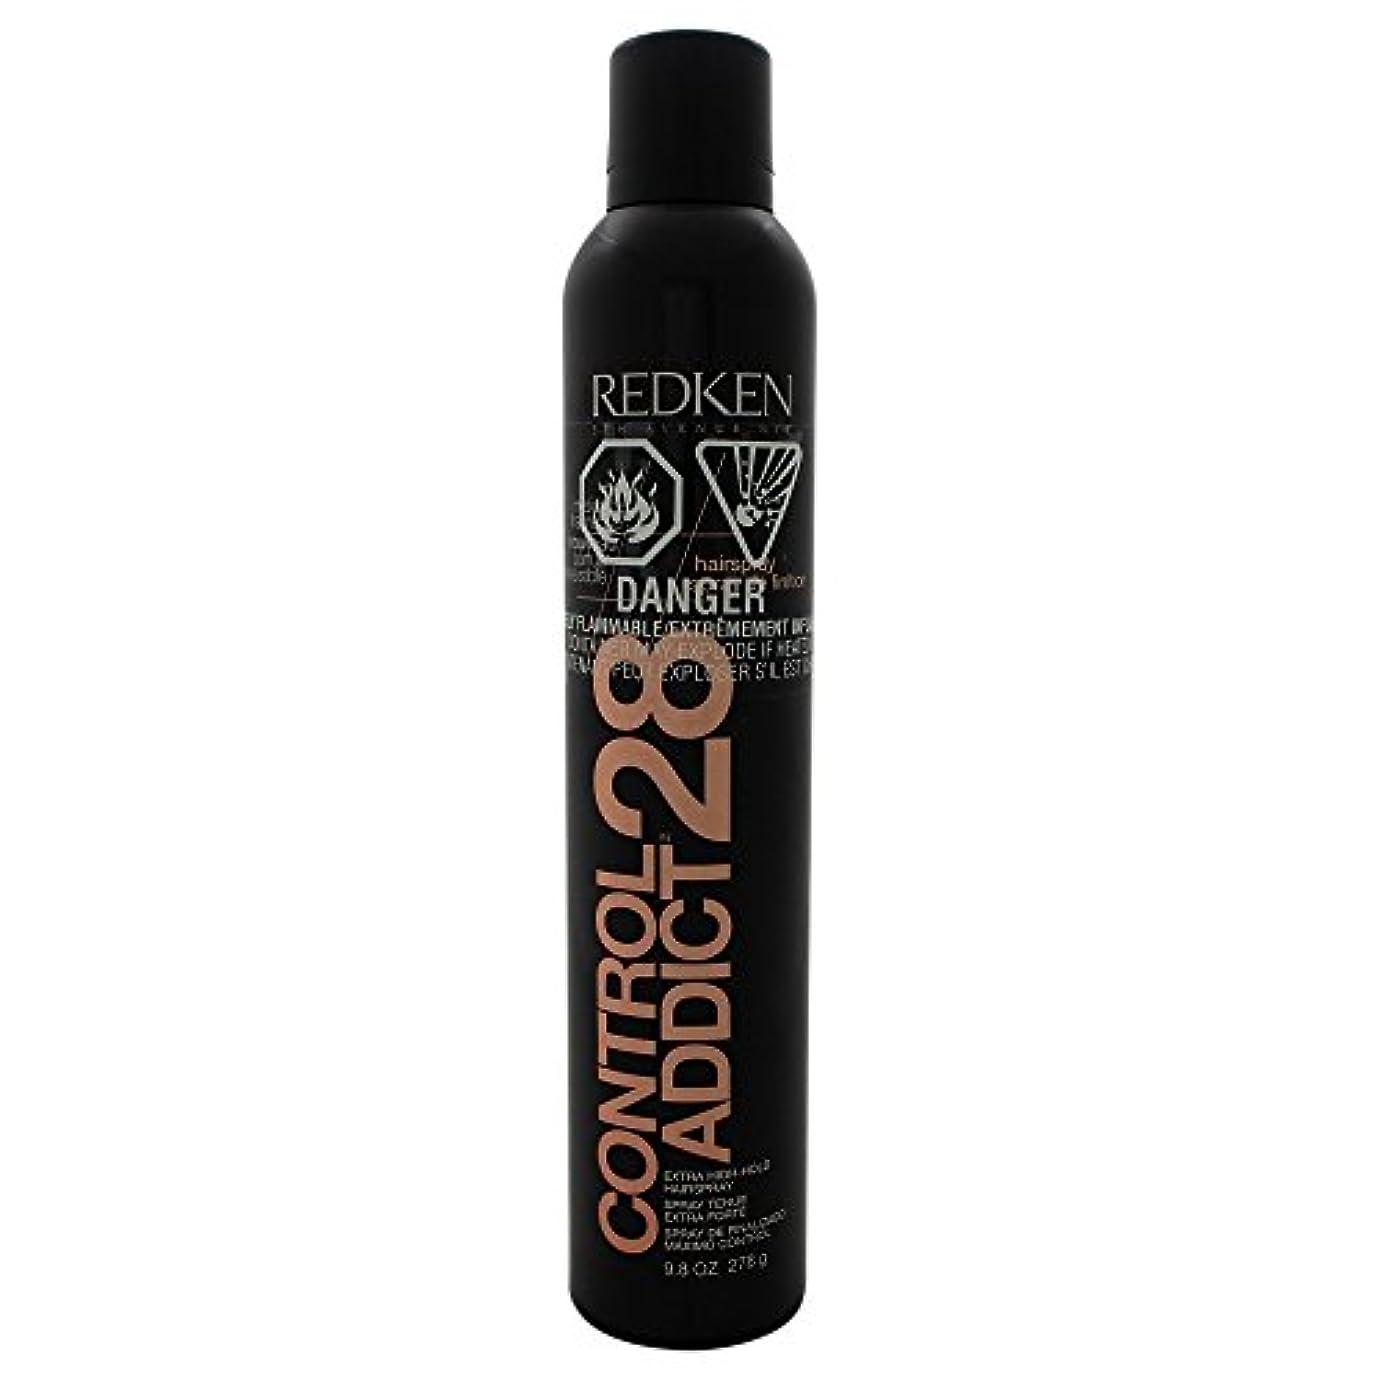 霧深い首尾一貫したしつけby Redken CONTROL ADDICT 28 EXTRA-HIGH HOLD HAIR SPRAY 9.8 OZ(BLACK PACKAGING) by REDKEN